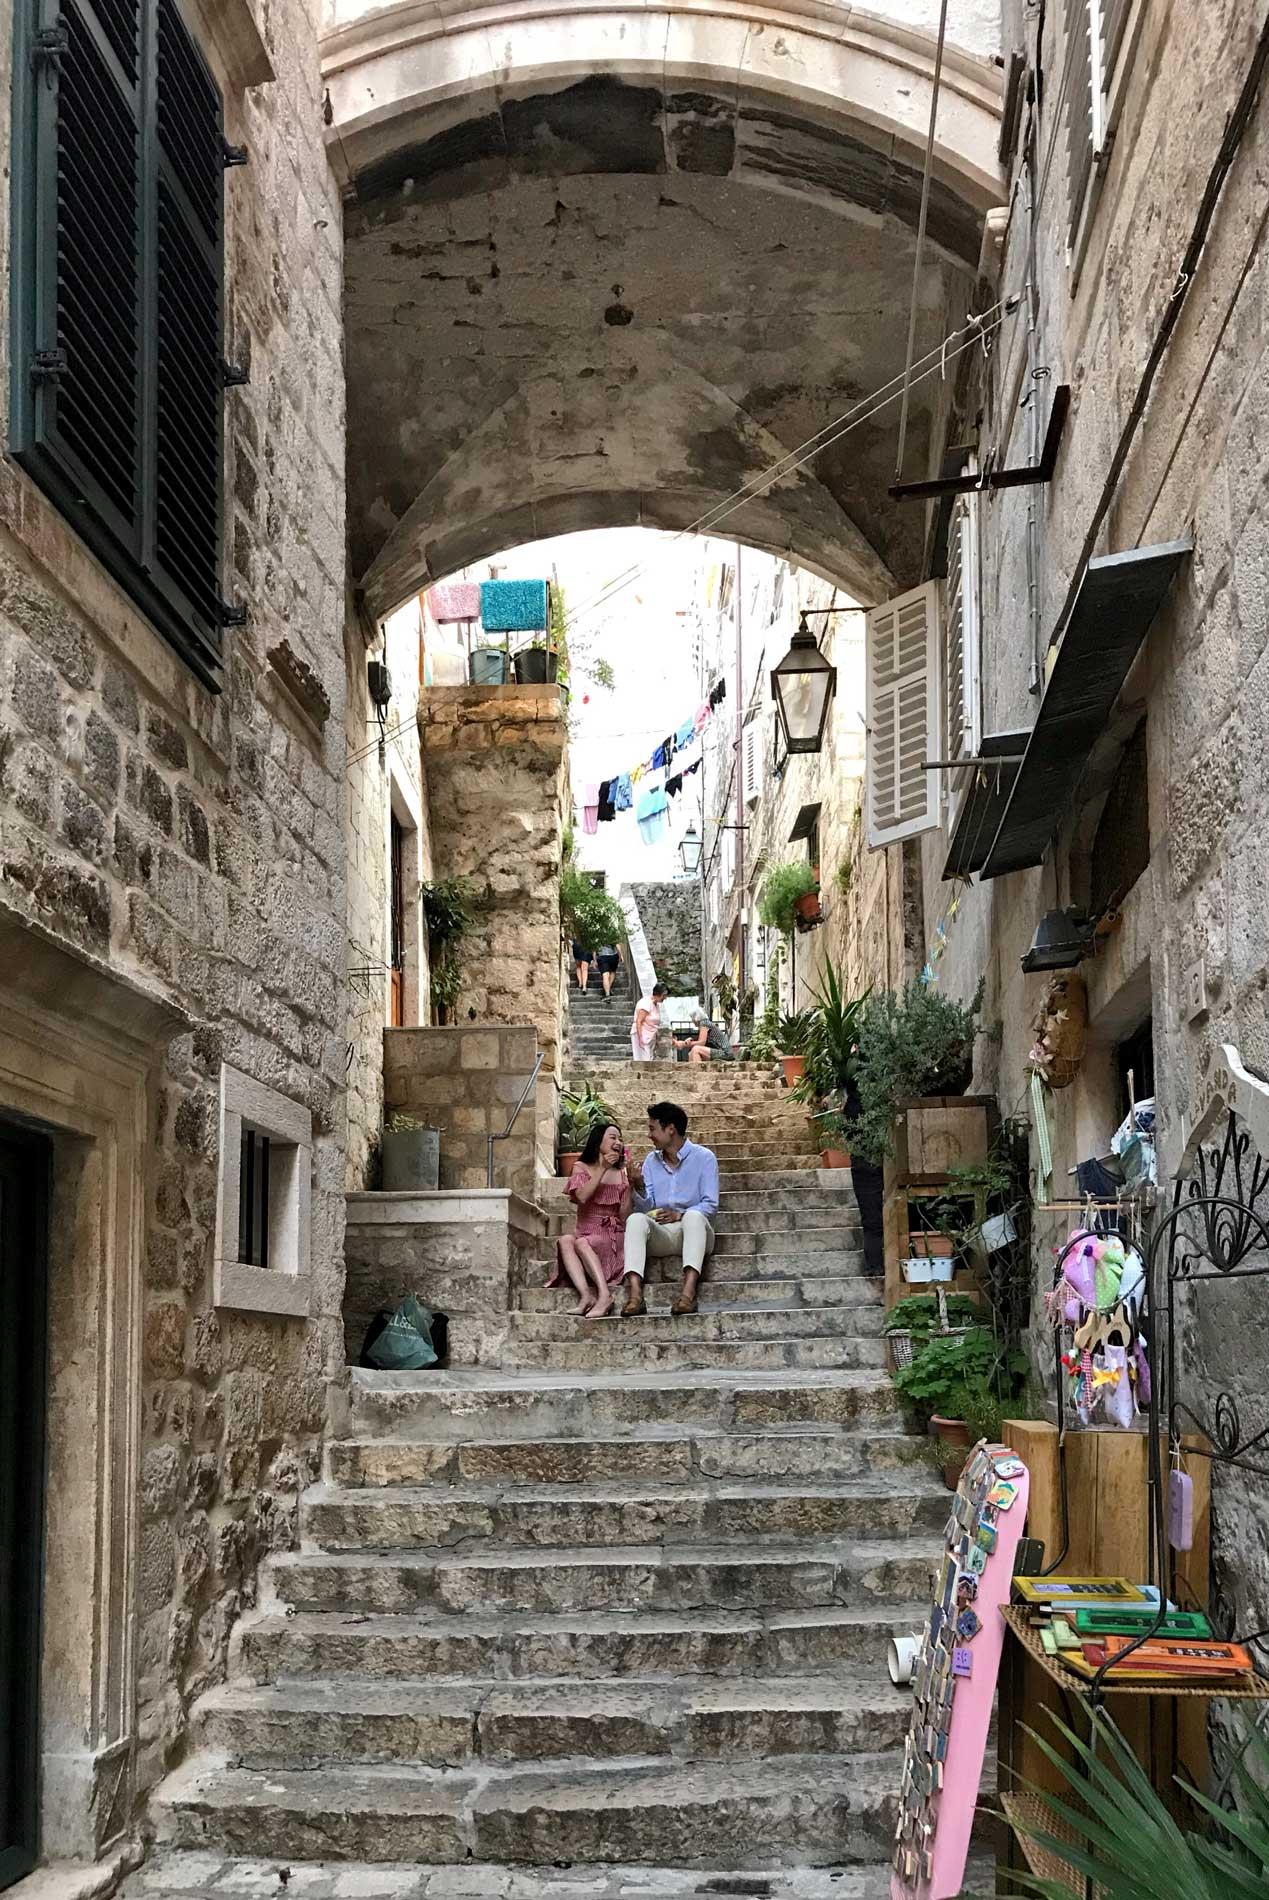 Dubrovnik-Croazia-scalinata-Citta-Vecchia-turisti-giapponesi-innamorati